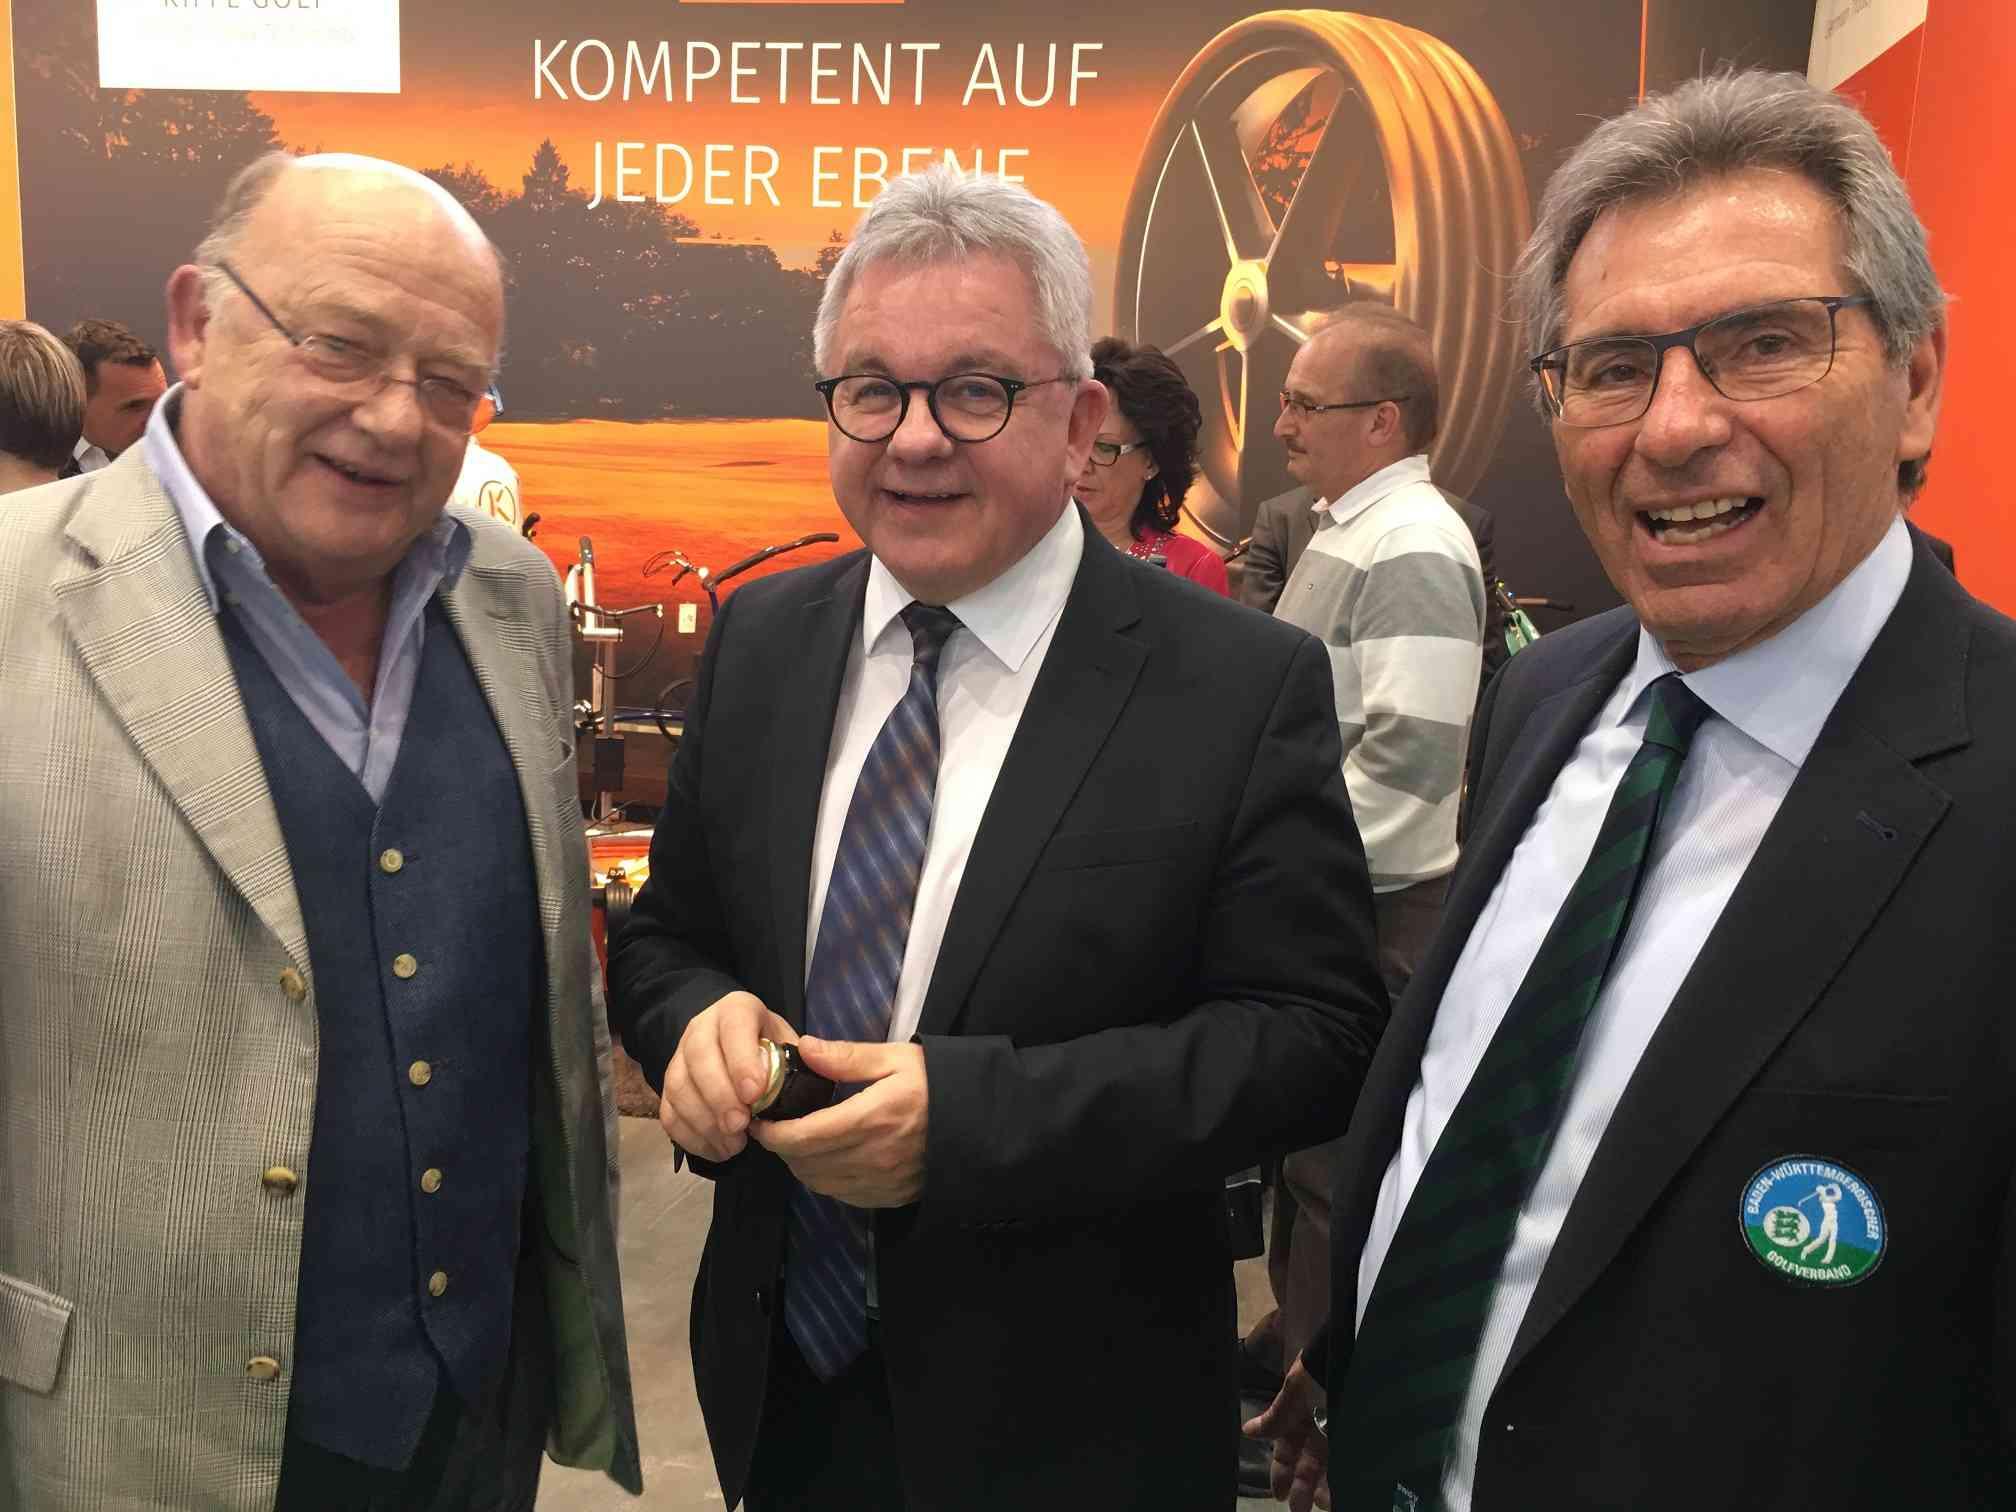 Guido Wolf, Landesminister für Justiz und Tourismus, auf dem Messestand des GC Reutlingen-Sonnenbühl. Links im Bild Clubpräsident Udo Rogotzki und rechts Otto Leibfritz, Präsident des Baden-Württembergischen Golfverbands (BWGV).